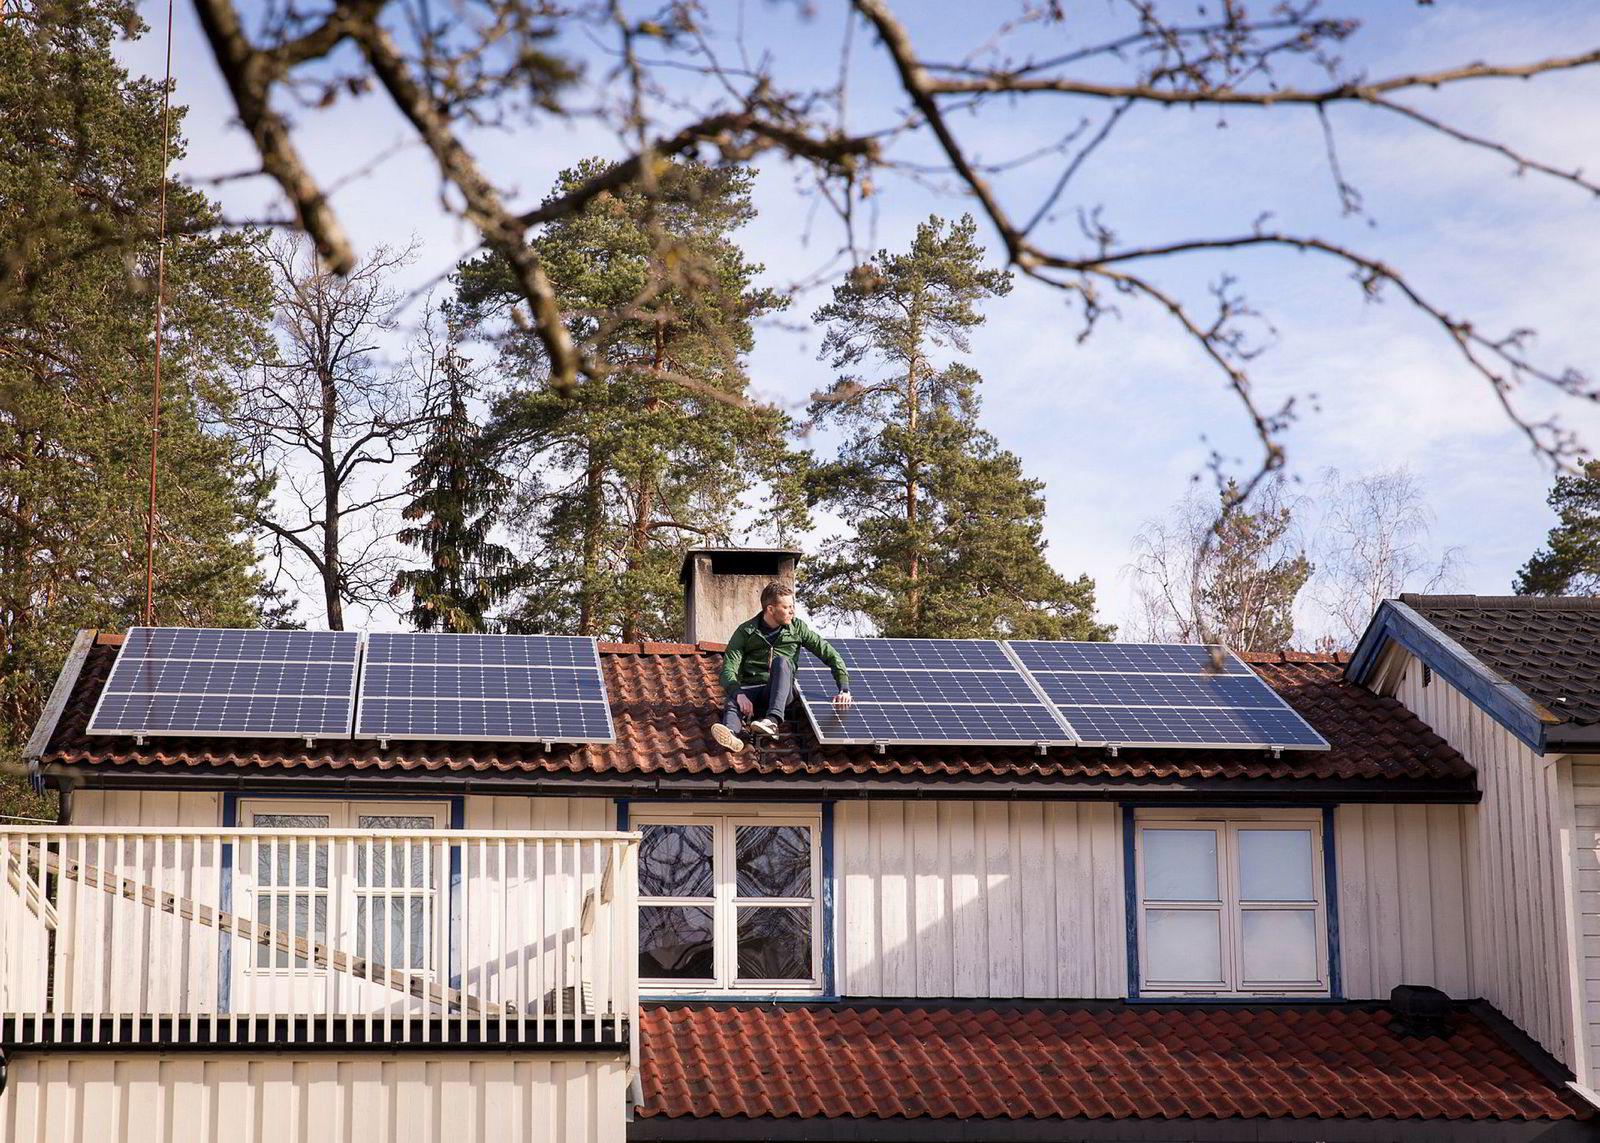 Venstre ønsker krav om at store hytter skal bygges med solcellepanel på taket. Her er han på en bolig i Bærum som nylig har fått installert solcellepaneler. Foto: Gunnar Lier